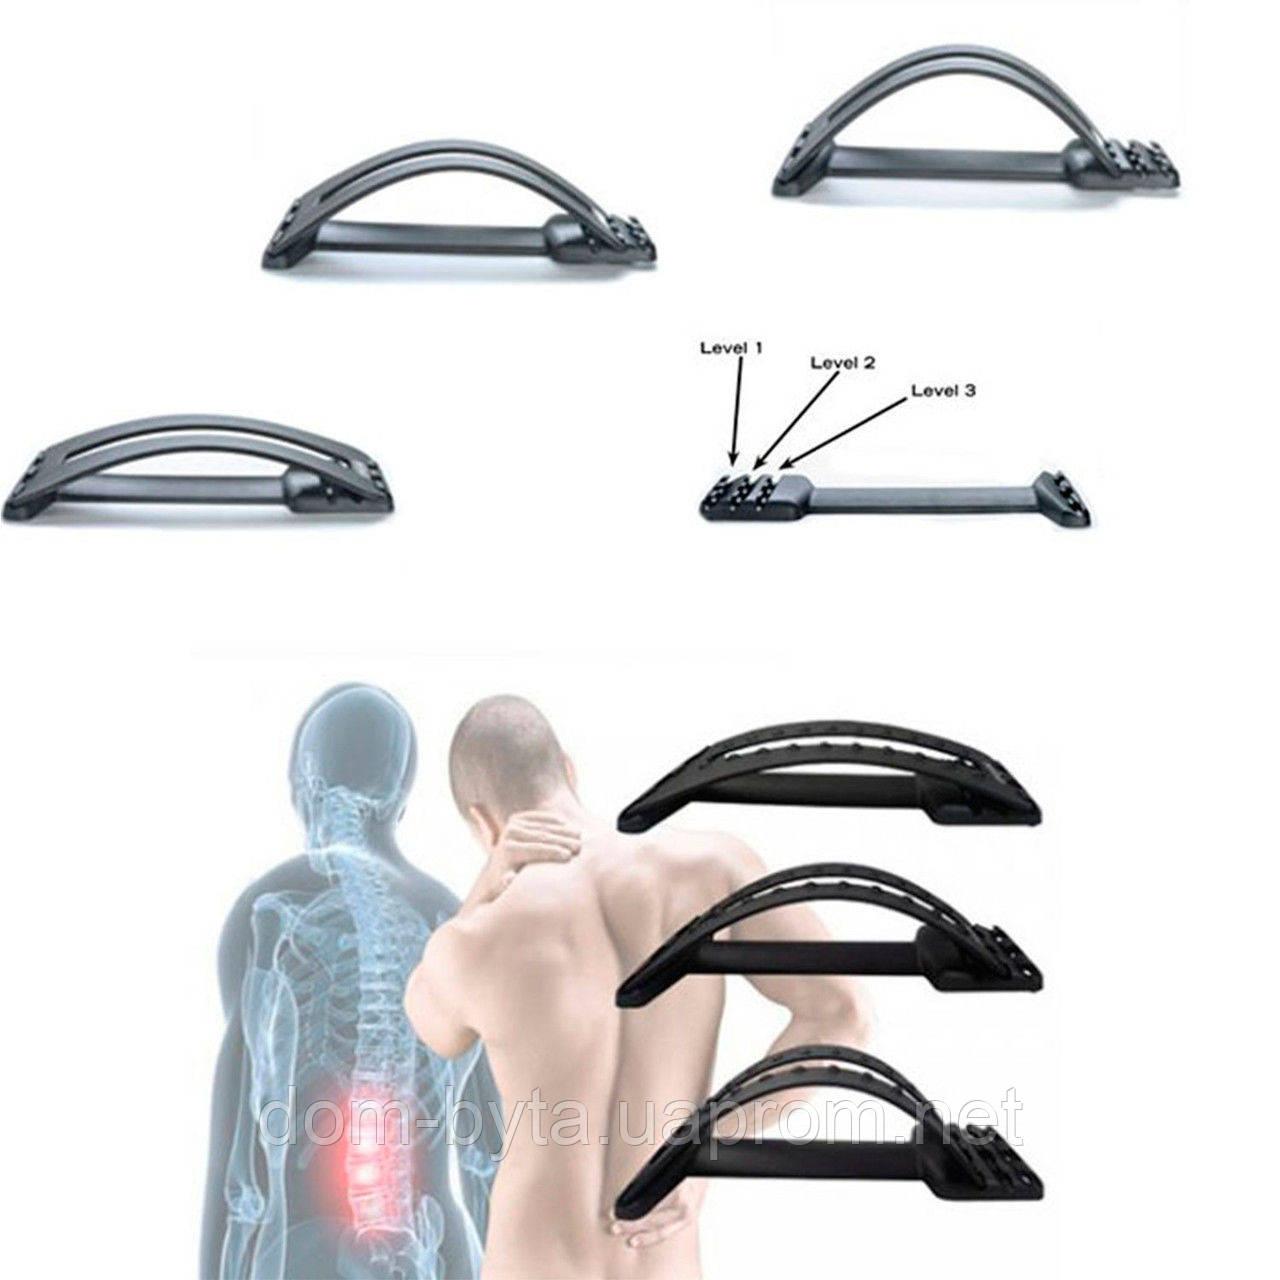 Тренажер для спины Back Magic Support, снятие нагрузки с позвоночника